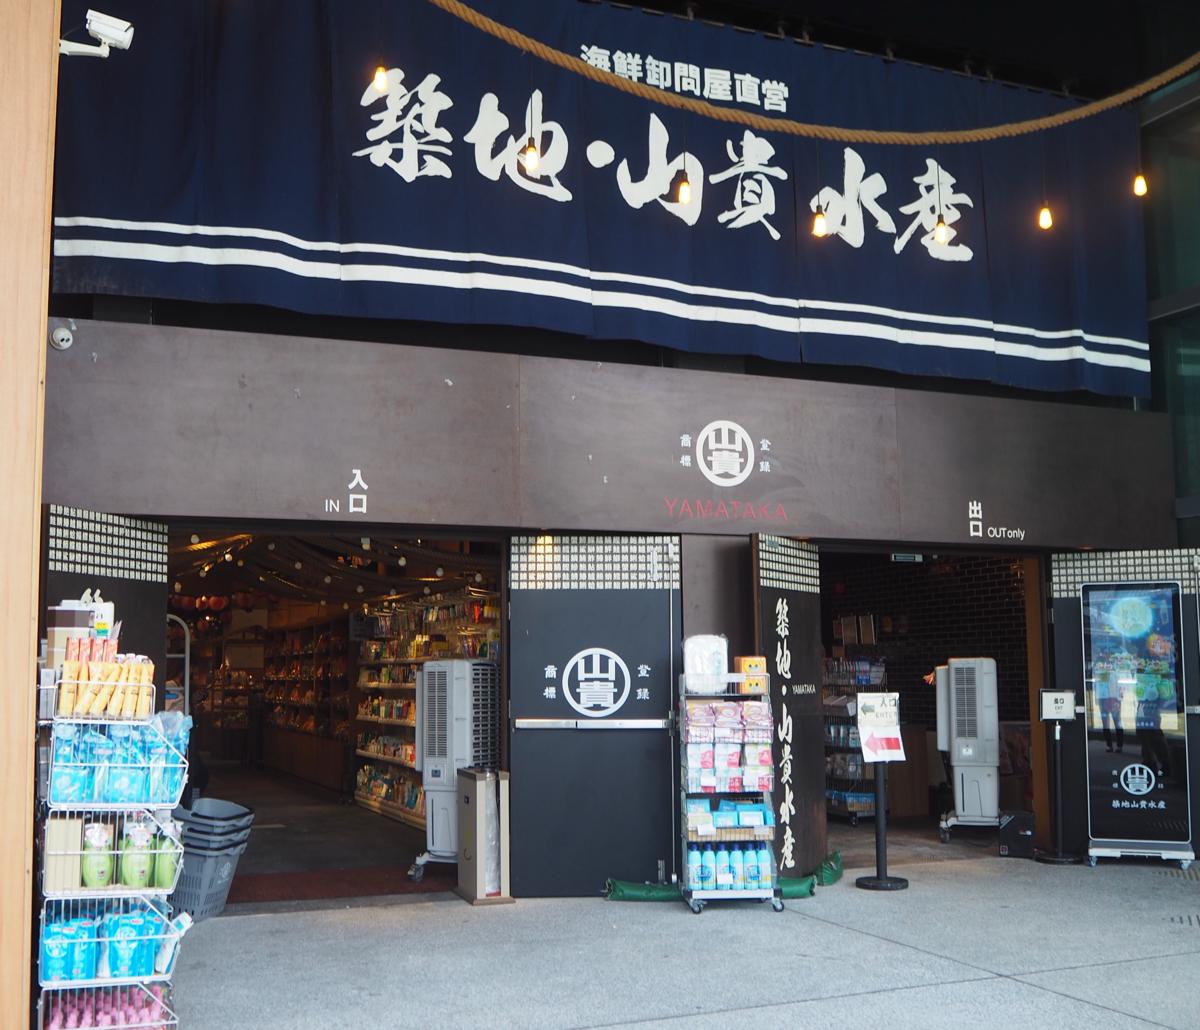 尖沙咀から灣仔までスターフェリーに乗って、偶然見つけたフェリーターミナル内の山貴水産にある「梅酒バー」が気になった